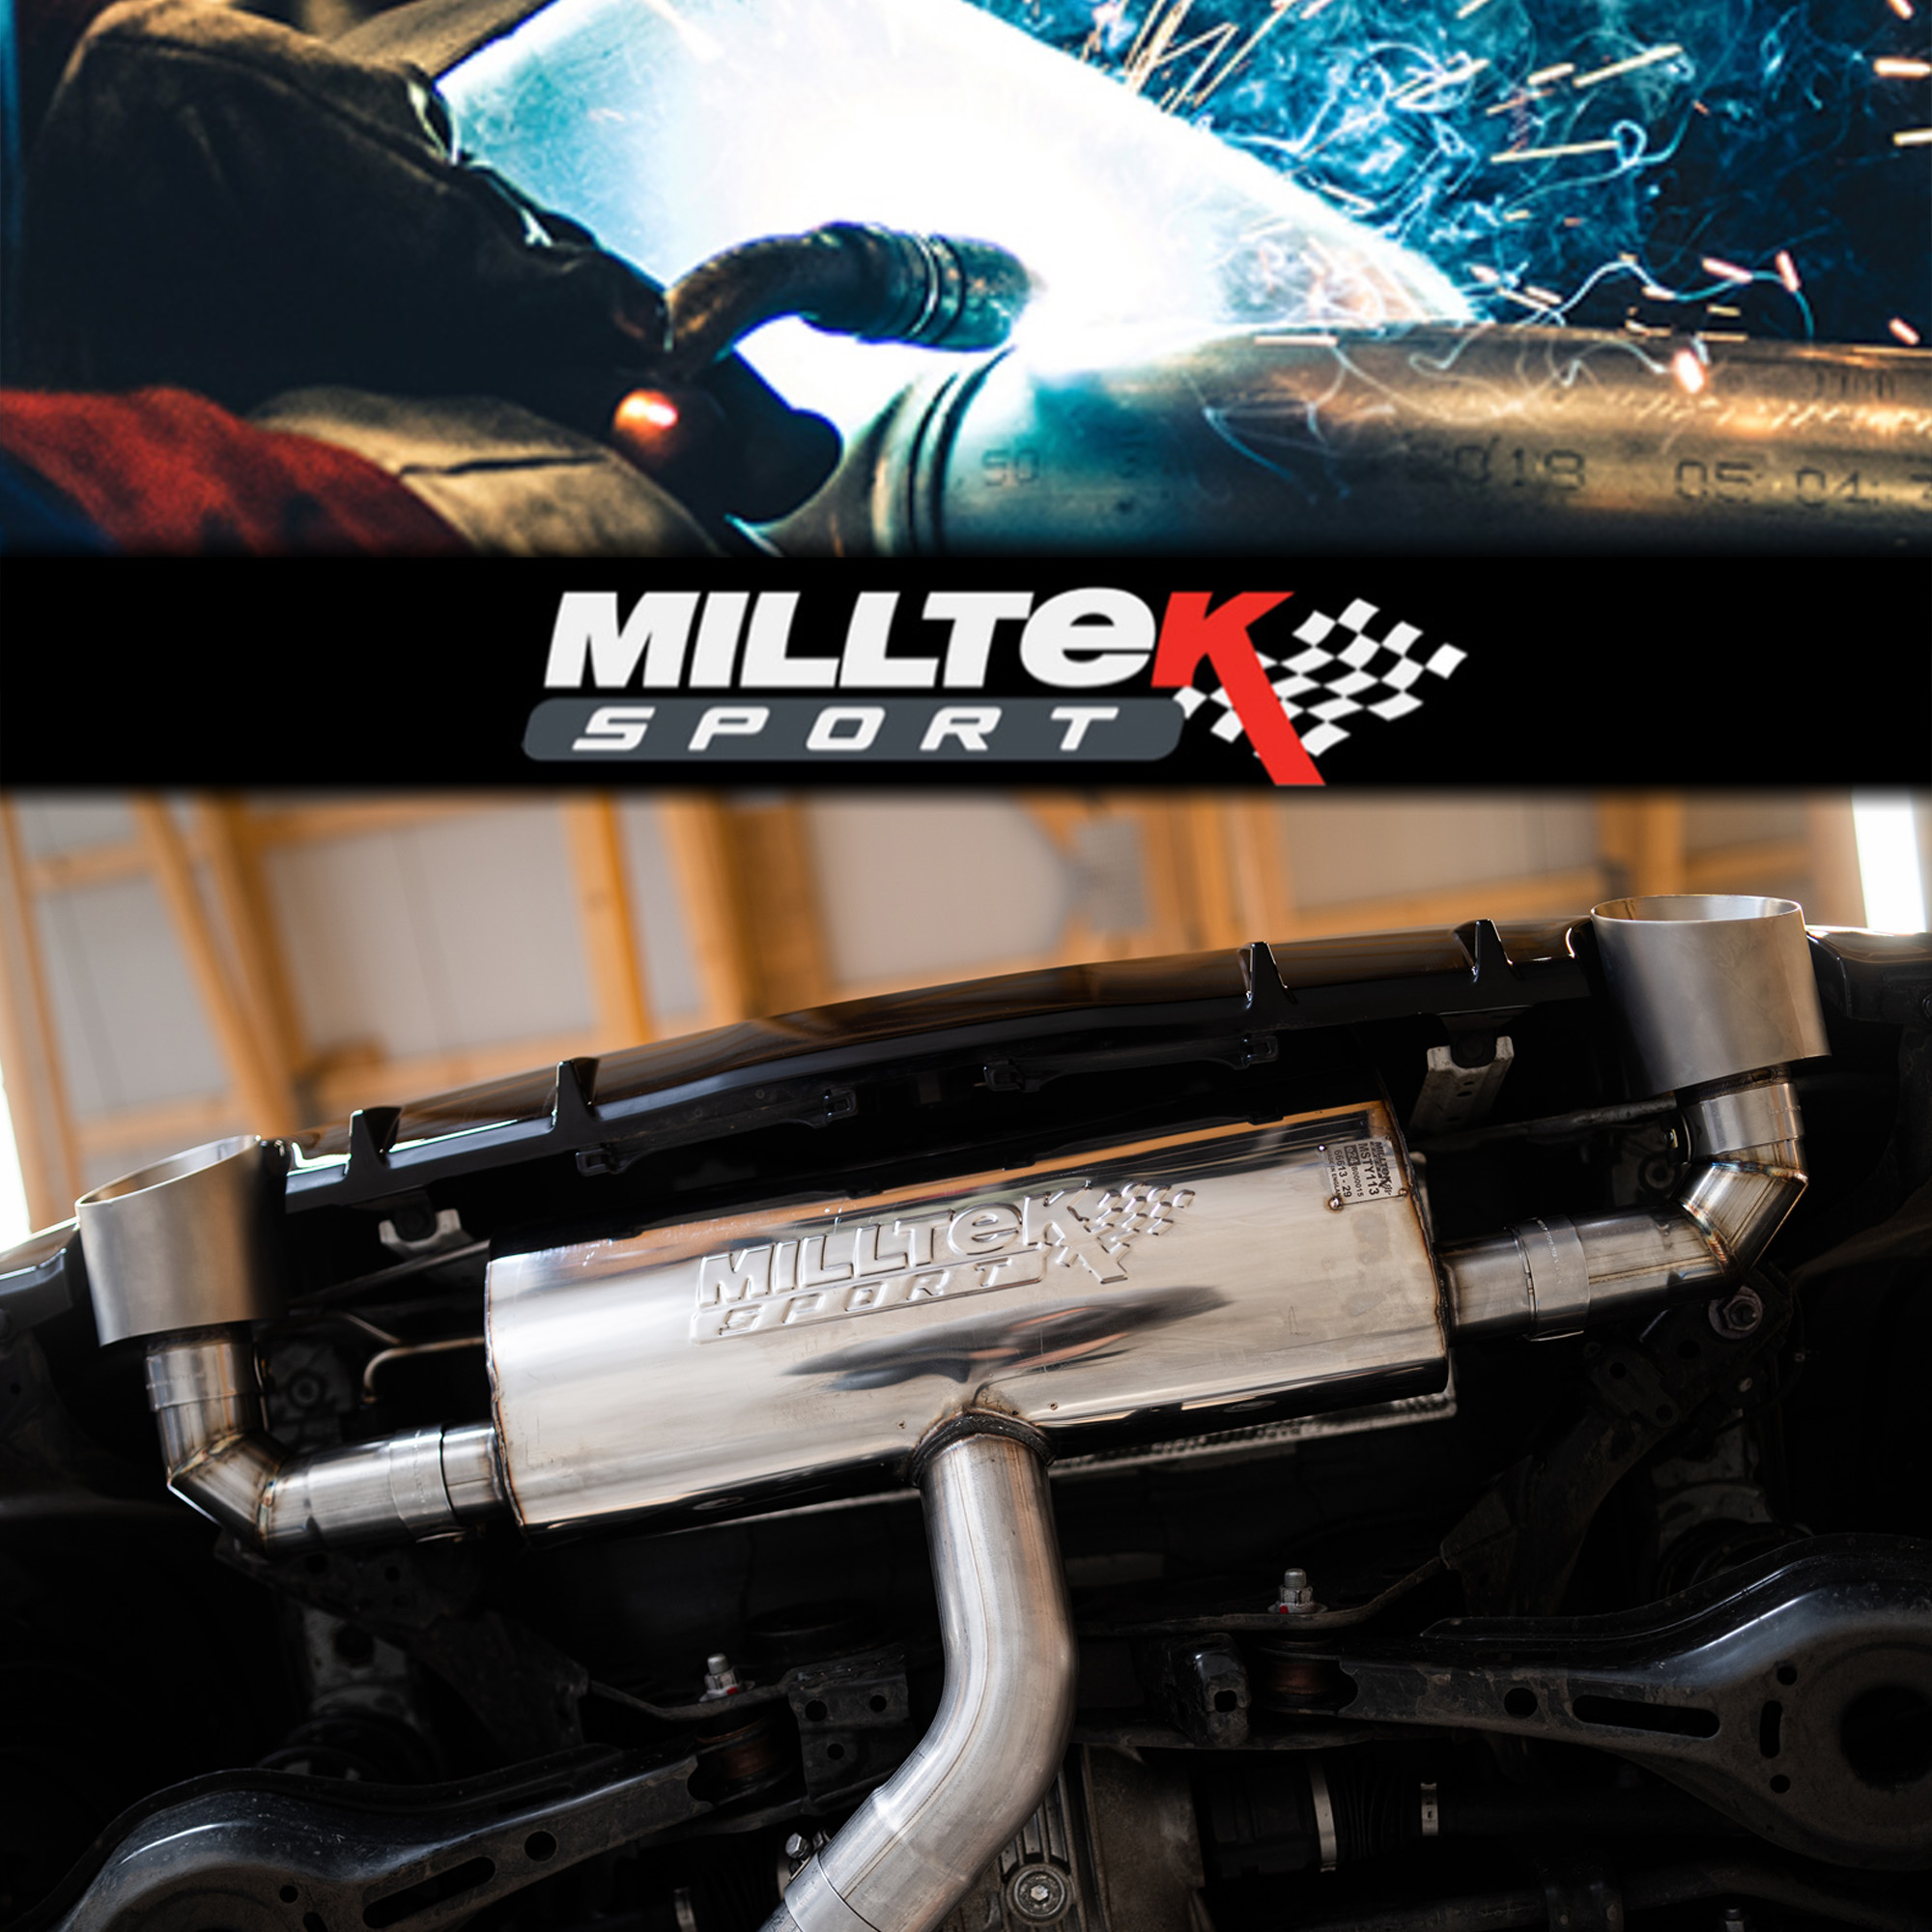 Milltek Abgasanlage Toyota GR Yaris ab OPF mit ECE Freigabe